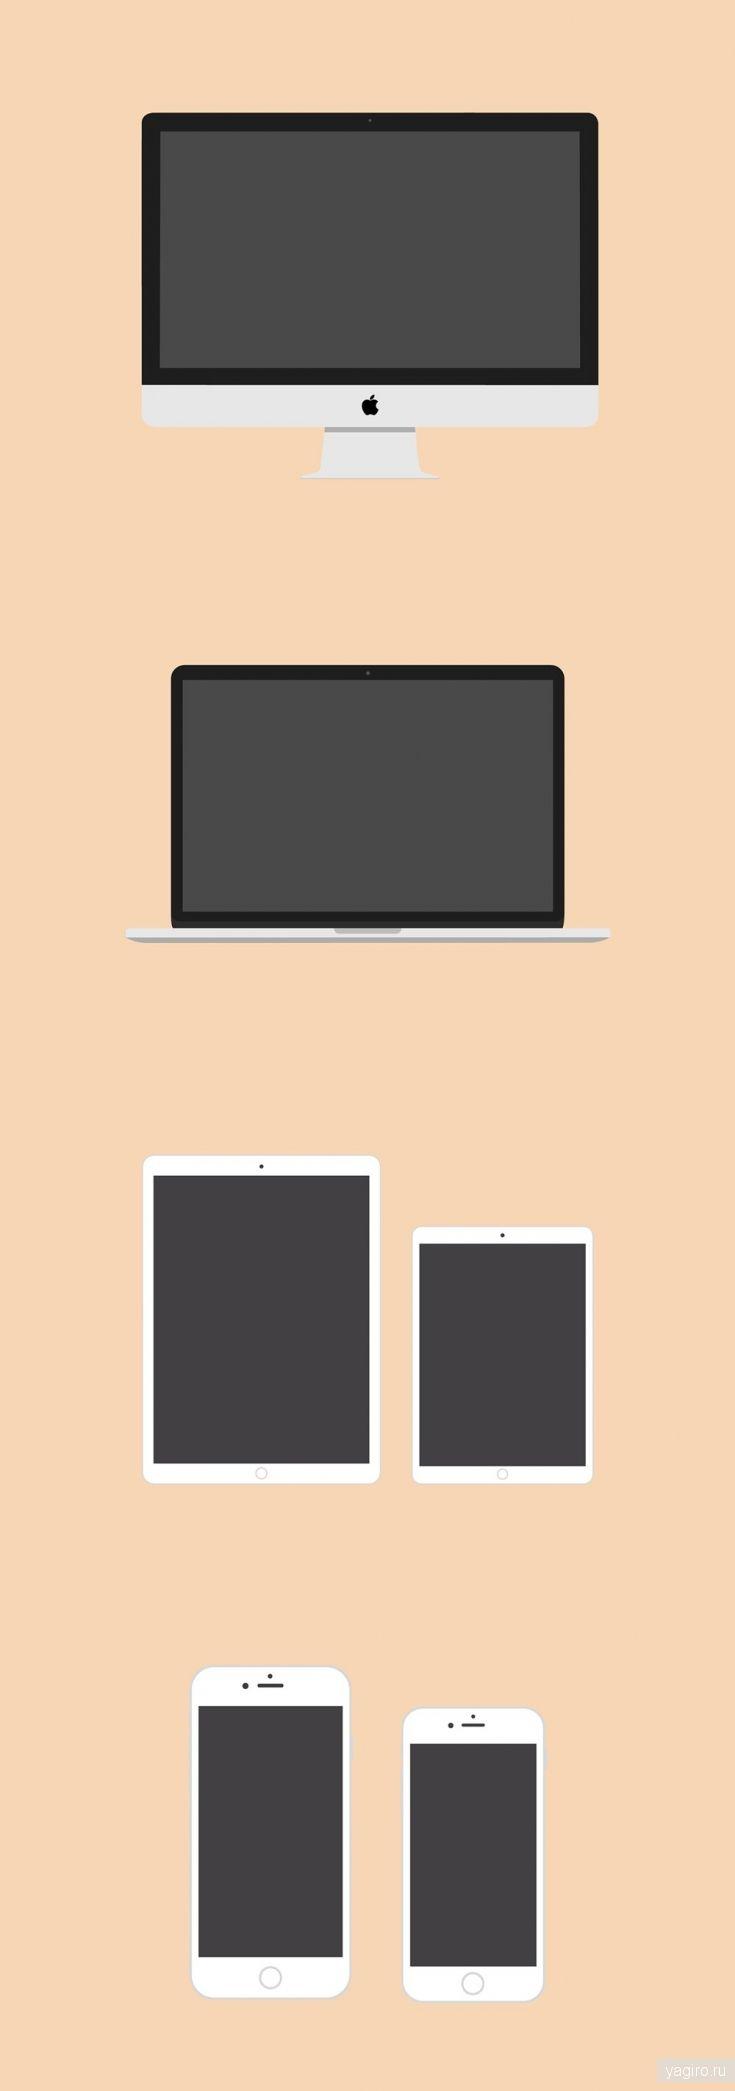 Мокап устройств от Apple / Мокапы / Yagiro - сайт о дизайне и для дизайнеров